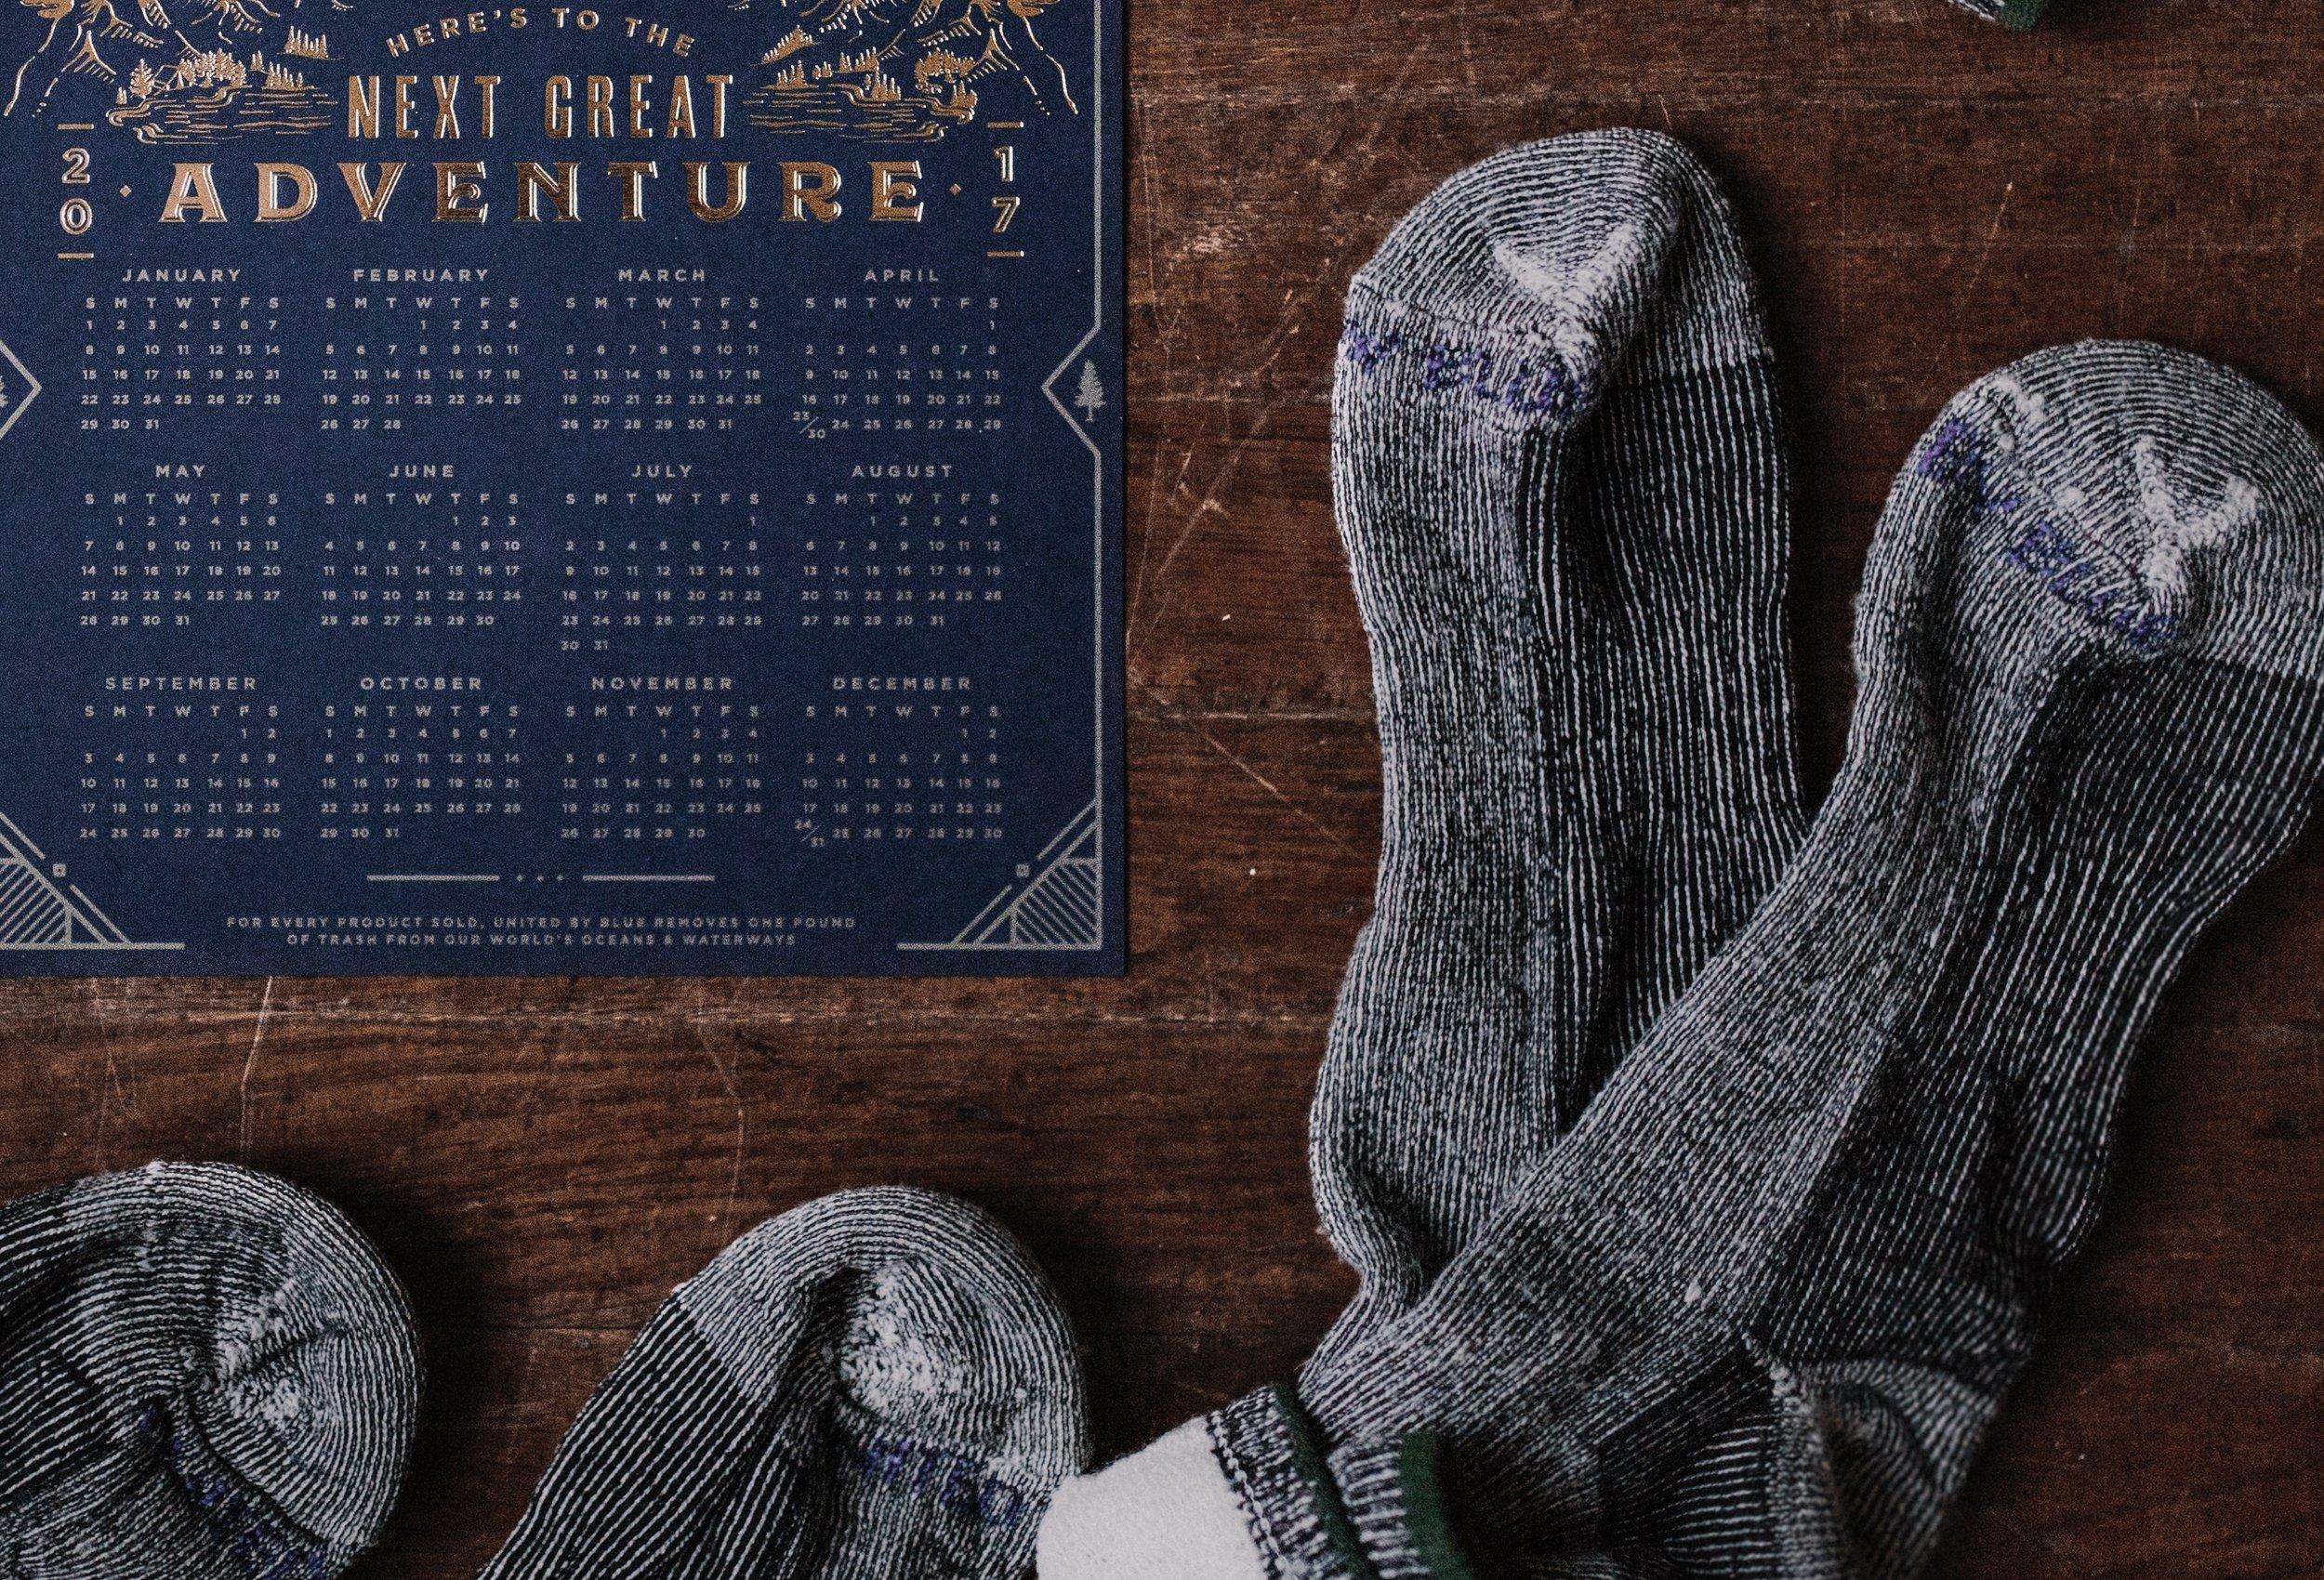 Socks - Don't skimp!